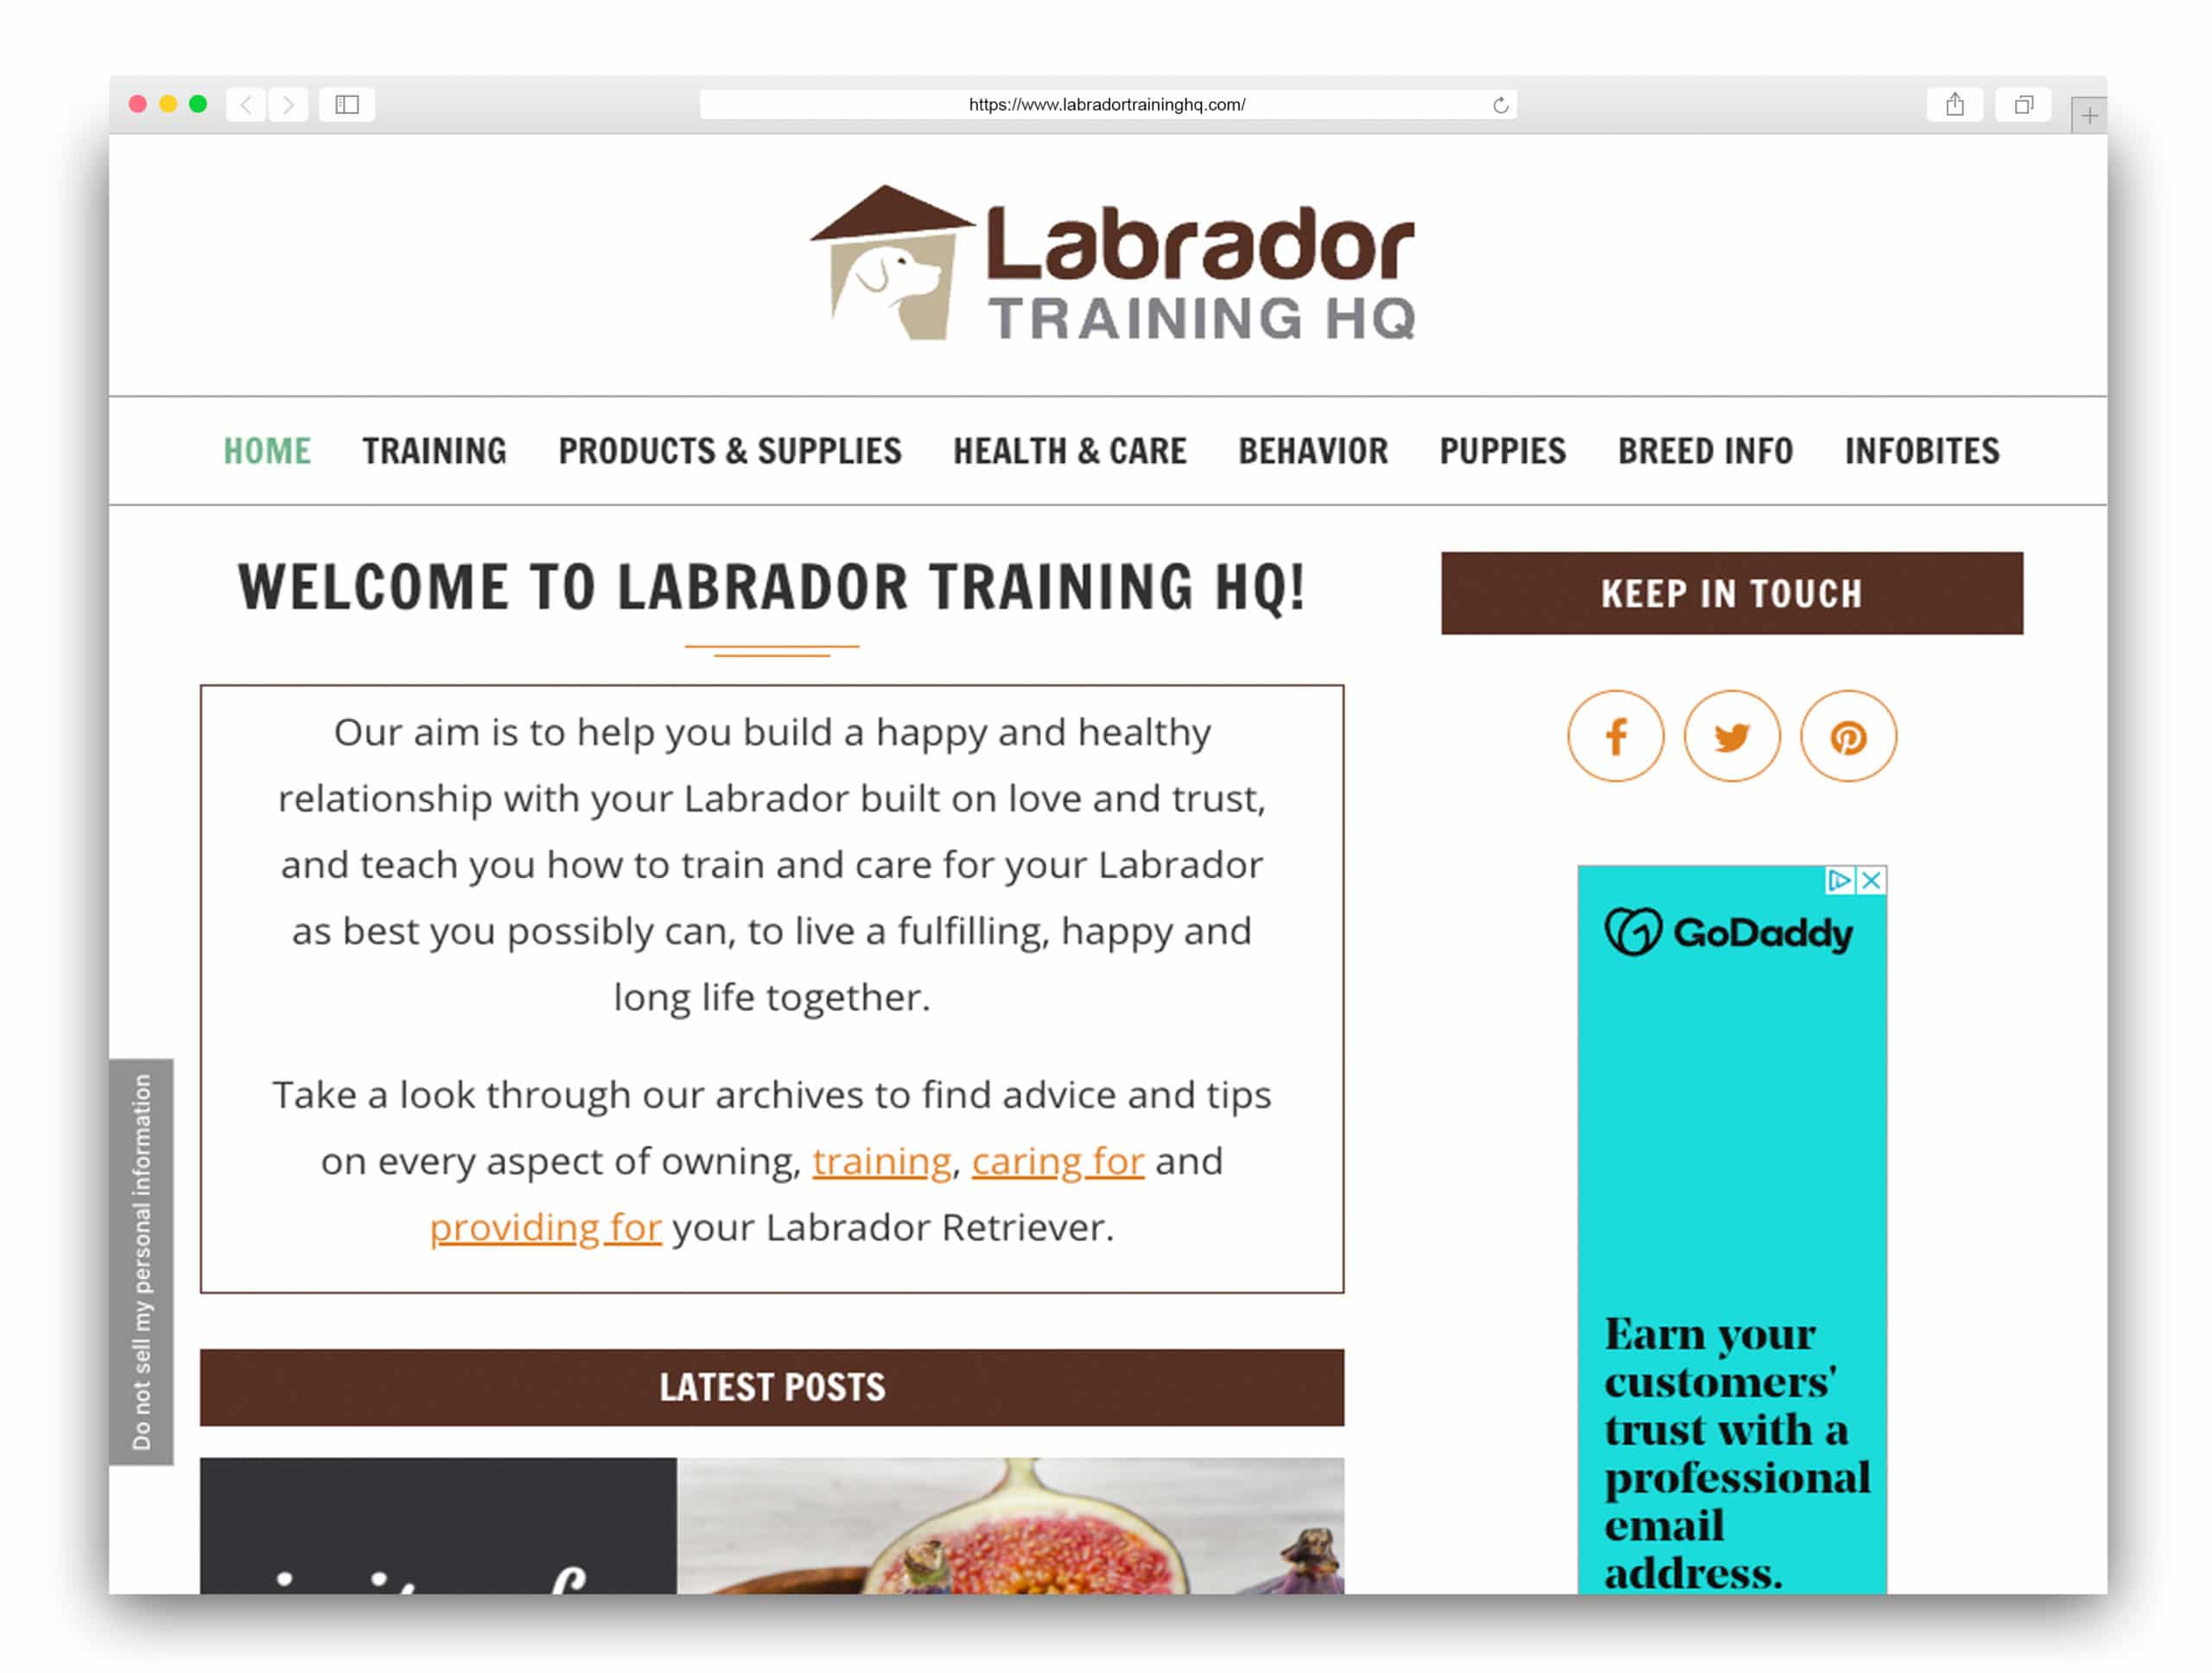 Labrador Training HQ